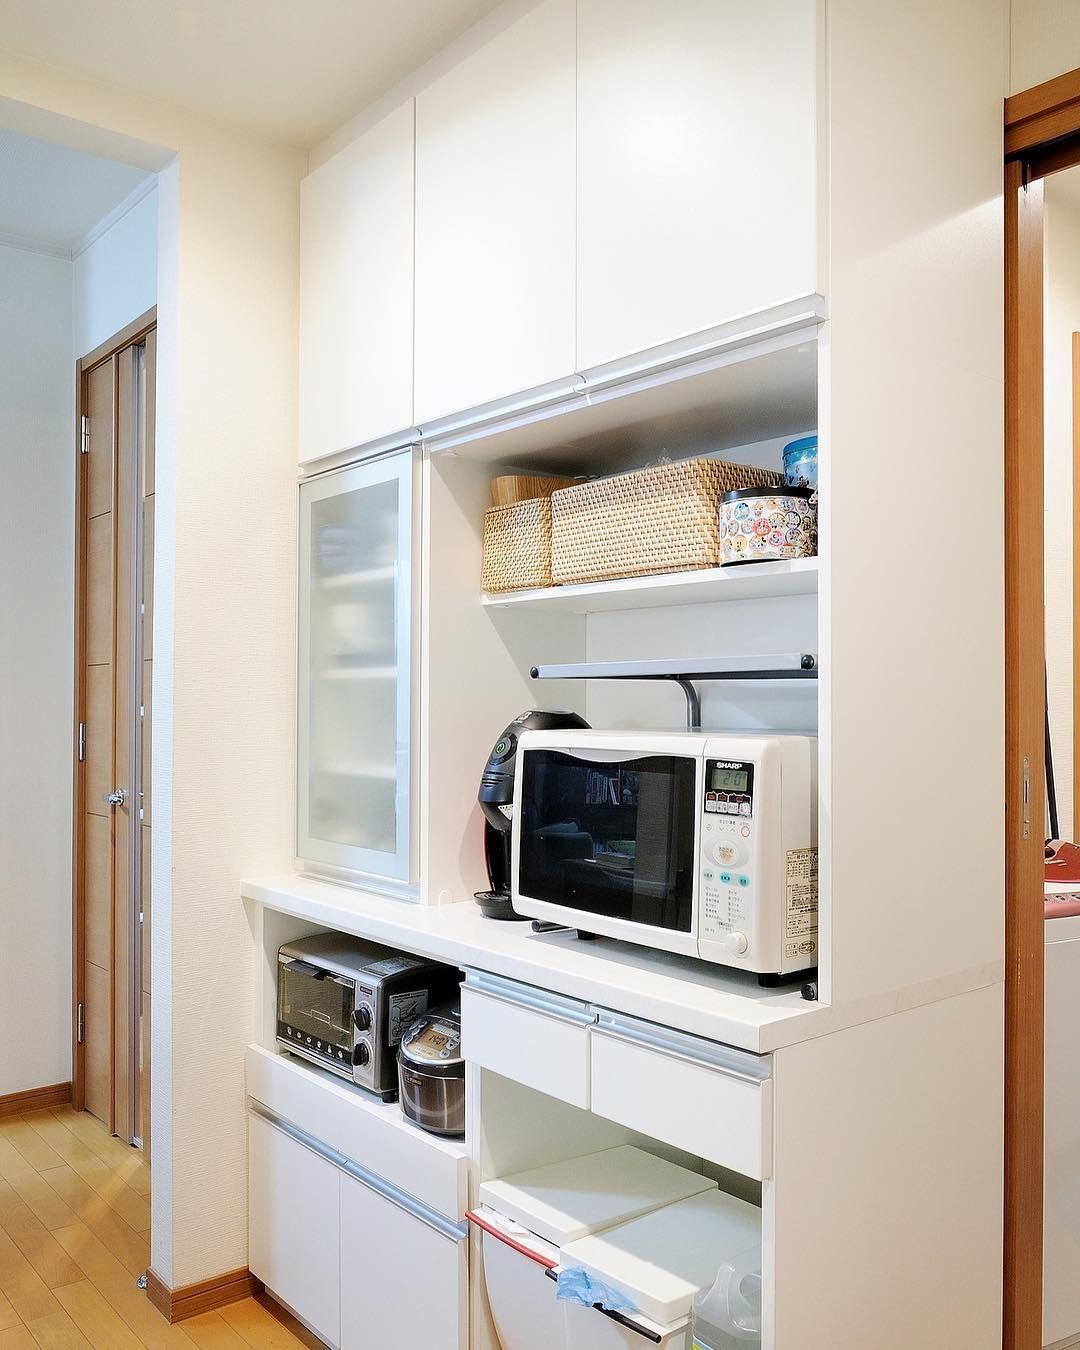 無印収納 スッキリ片付く整理整頓アイデア実例 インテリア 収納 キッチンアイデア インテリア